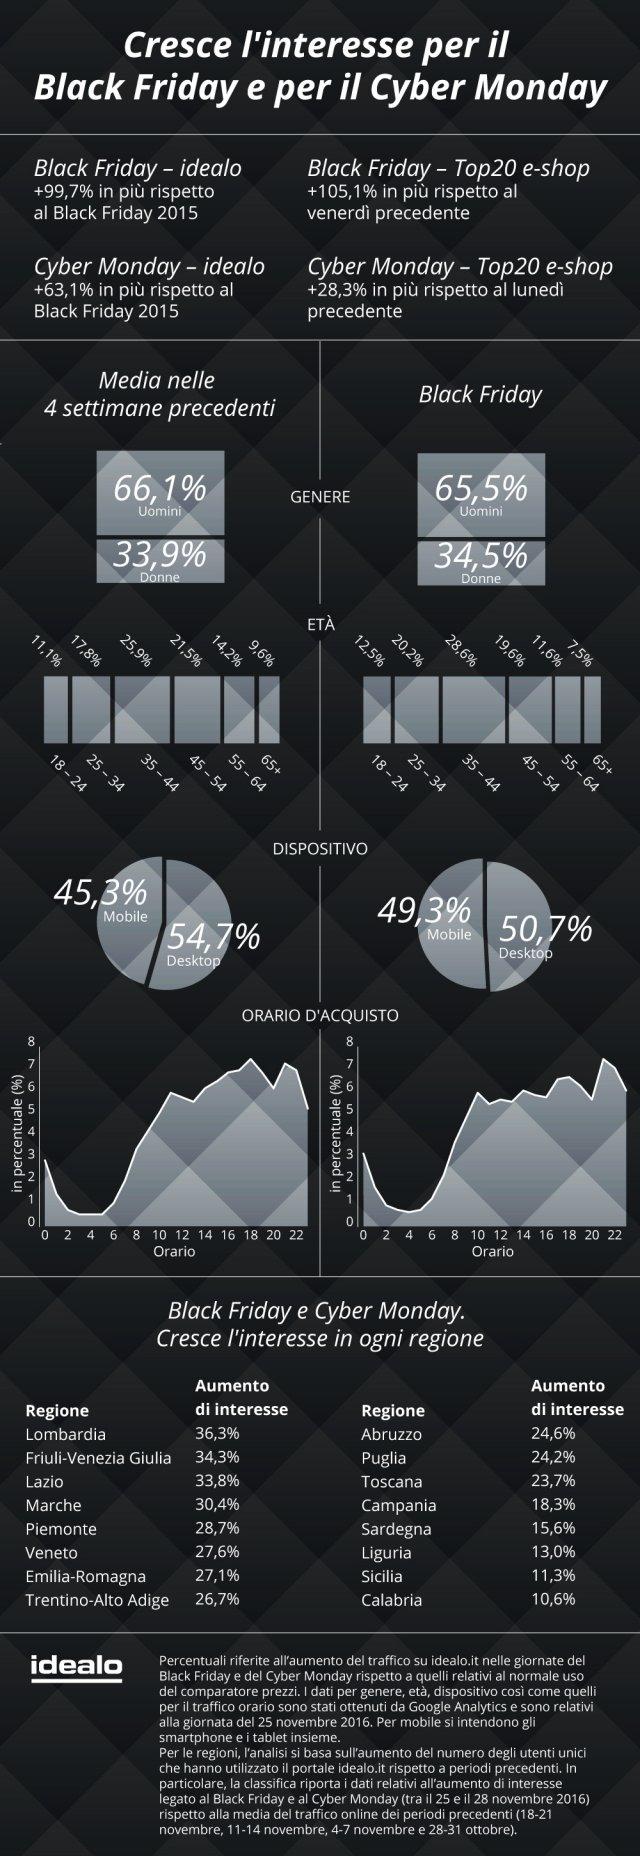 """E' possibile rilevare una partecipazione più significativa  da parte degli utenti maschi (per il 65,5%) dai 18 ai 44 anni, una predilezione per l'uso degli smartphone (+6% rispetto alle giornate precedenti) e un picco d'attenzione concentrato per il nostro paese nella fascia serale, intorno alle 21.00 . Tutte le regioni mostrano un interesse in crescita nelle due giornate di sconti: si va dalla Lombardia (con il 36,3% del traffico in più rispetto al normale utilizzo del comparatore prezzi) al Friuli-Venezia Giulia (con il +34,3%), dal Lazio (con il +33,8%) alle Marche (con il +30,4%), fino ad arrivare alla Calabria (con il +10,6%) . Sul versante degli shop coinvolti, i principali negozi online hanno registrato un aumento diretto delle intenzioni d'acquisto: +105,1% per il Black Friday e +28,3% per il Cyber Monday. Tra i due appuntamenti, il """"venerdì nero"""" dello shopping online risulta essere sempre il preferito dai consumatori digitali italiani, anche se l'attenzione per il """"lunedì cibernetico"""" è in crescita rispetto agli anni precedenti ."""